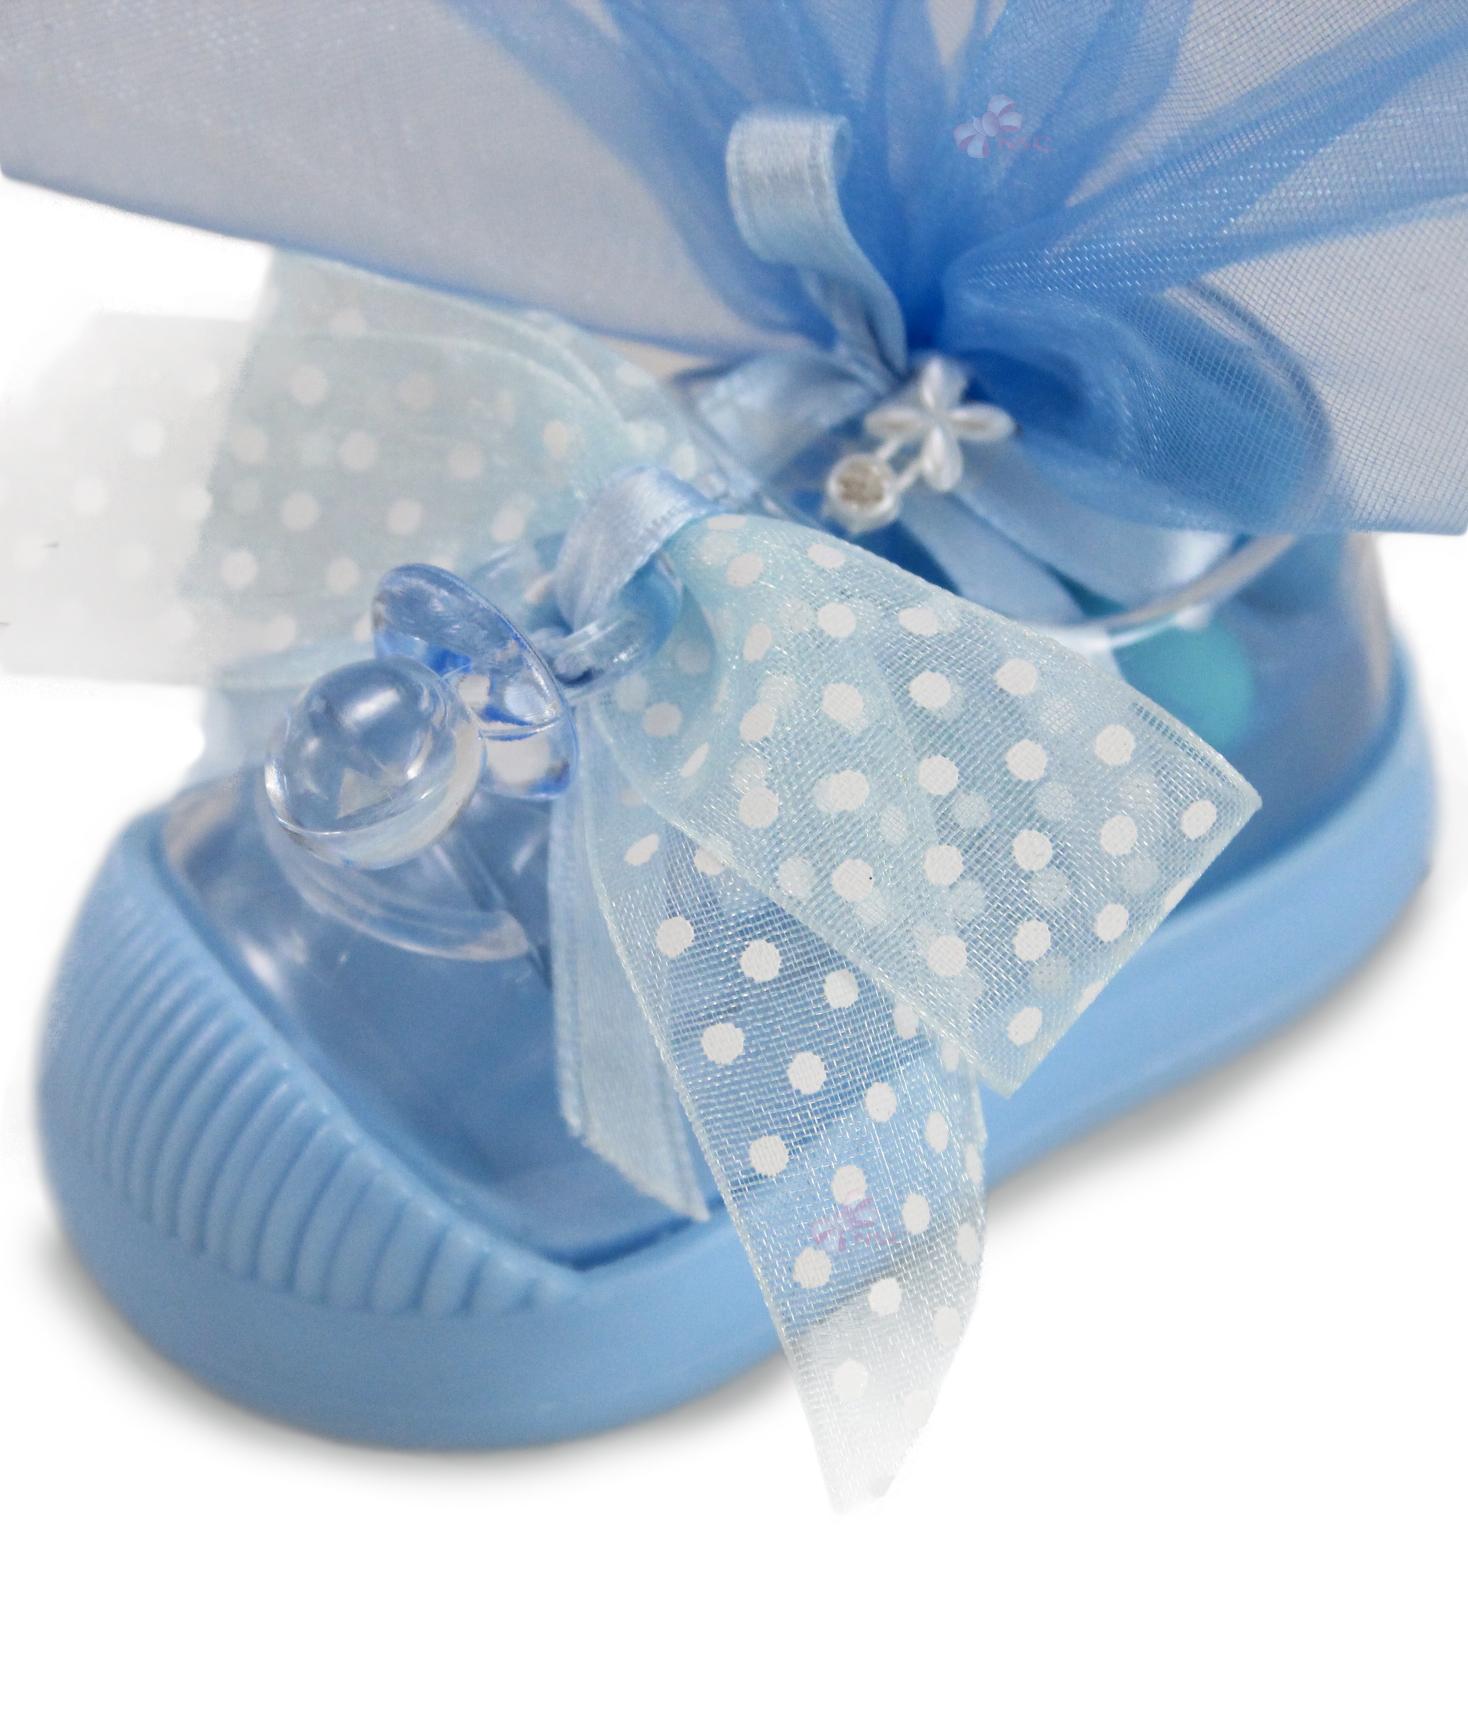 Bomboniera Matrimonio Azzurro : Bomboniera scarpa azzurro nonsolocerimonie